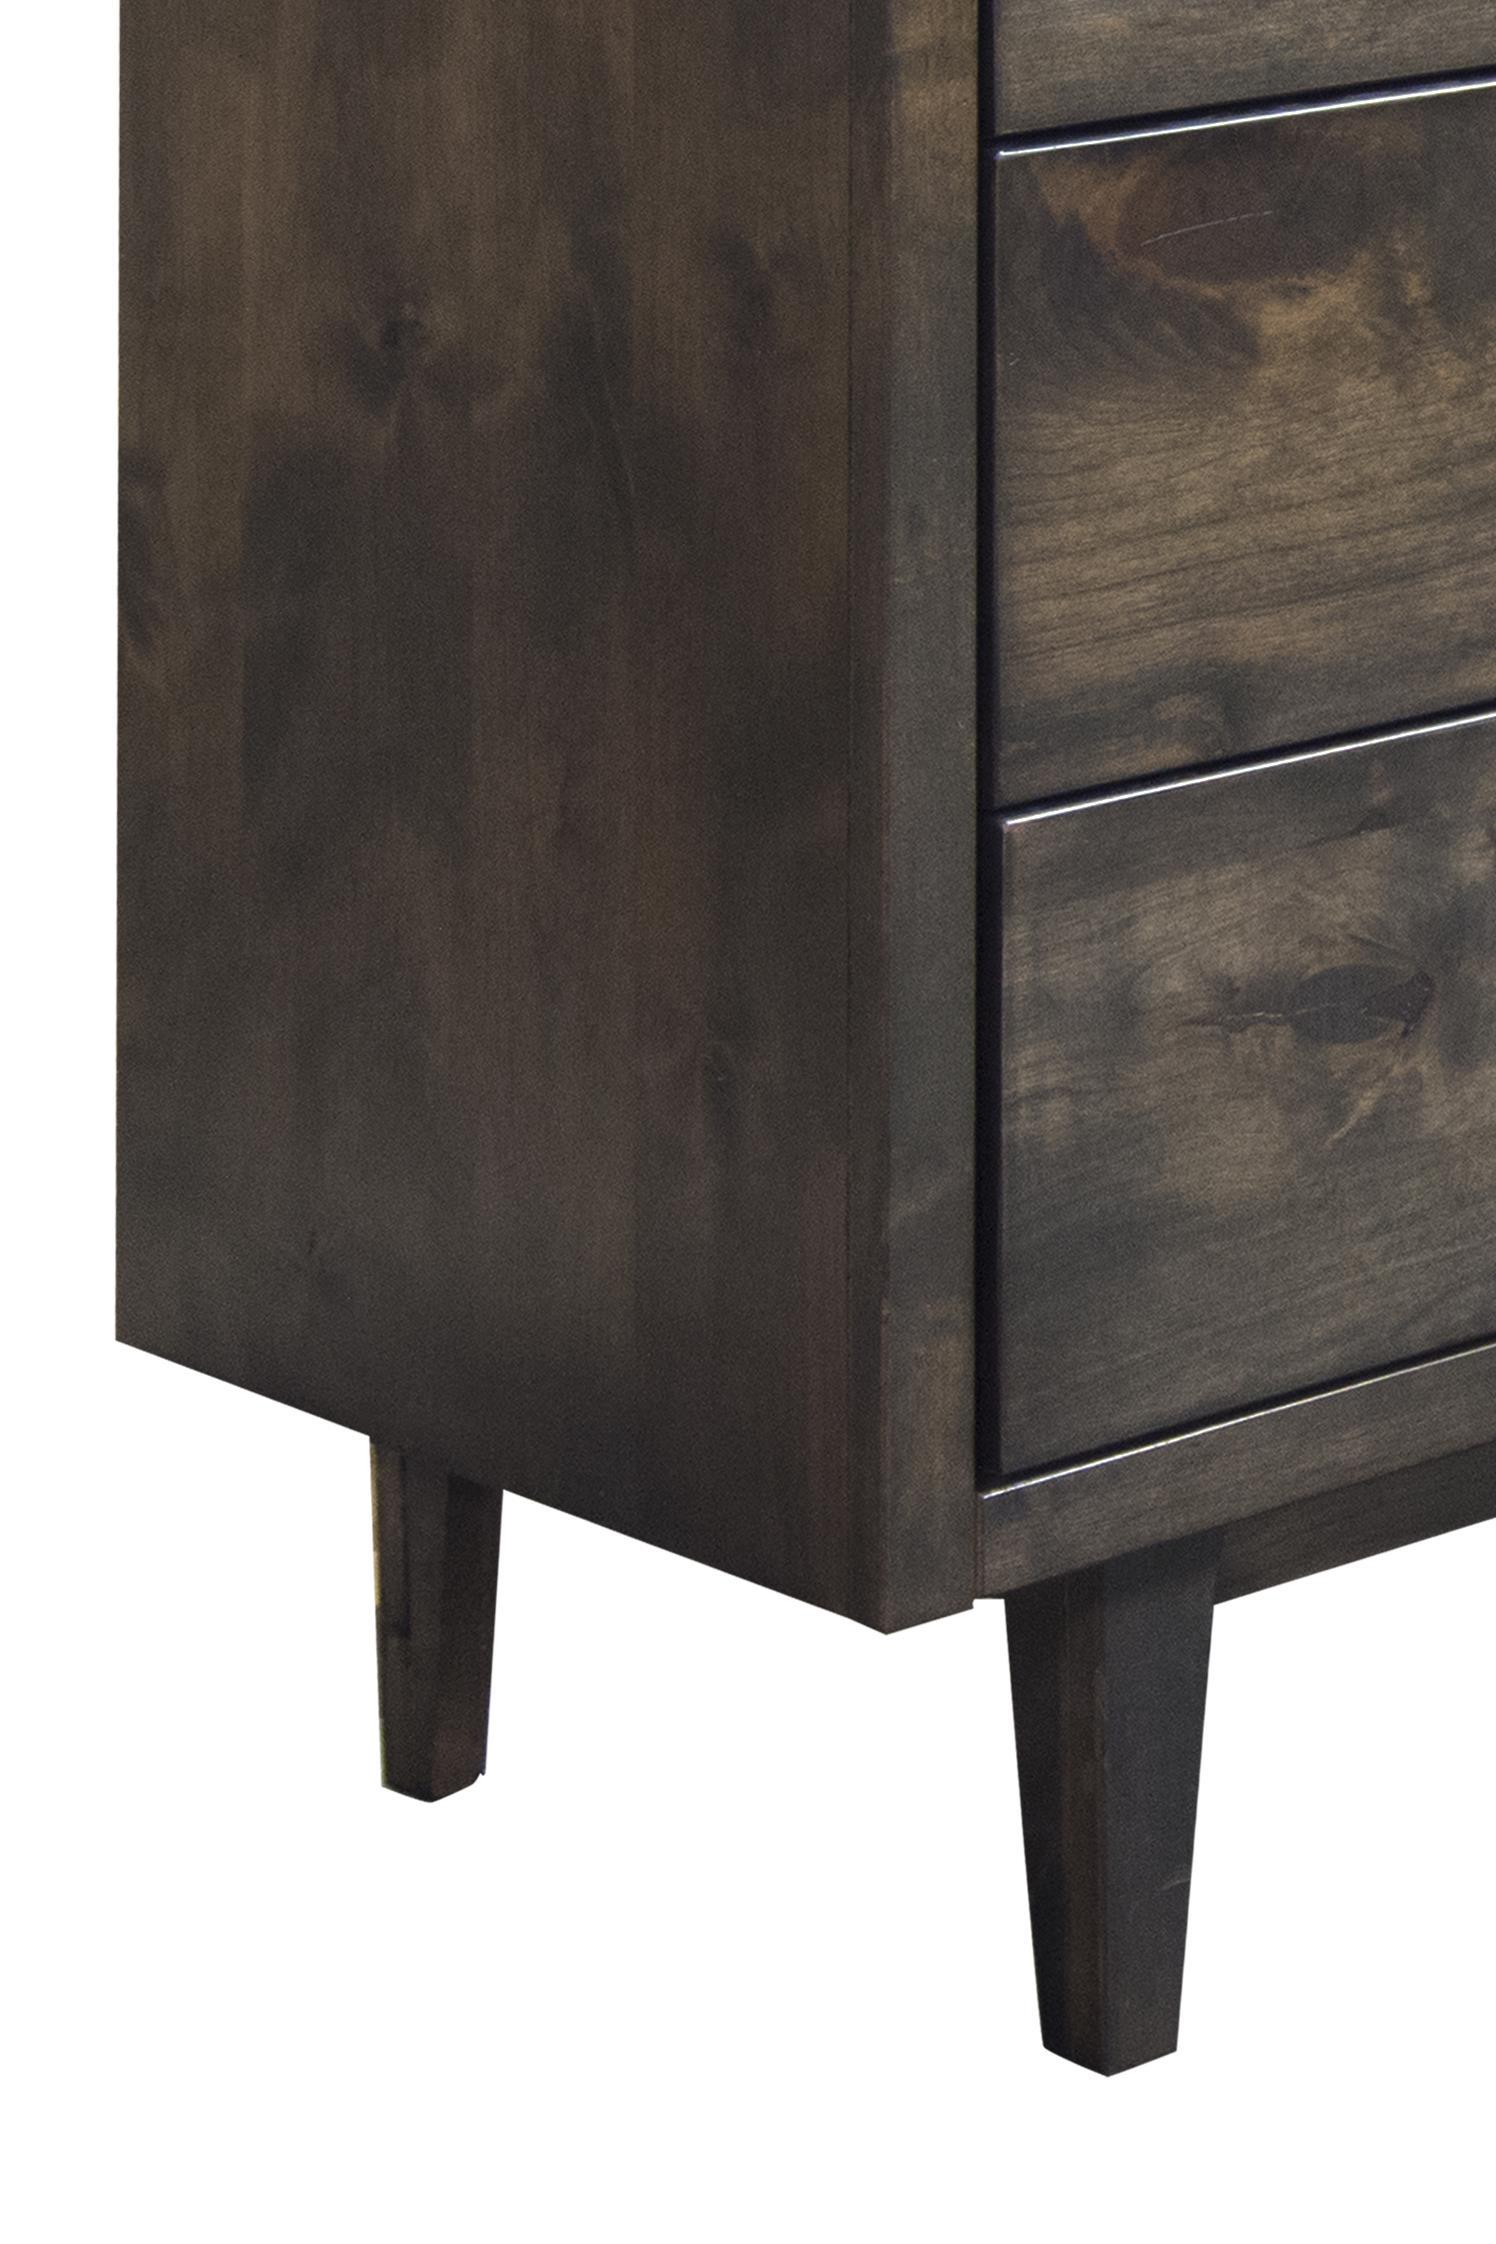 Avondale (av) By Legends Furniture   Del Sol Furniture   Legends Furniture  Avondale Dealer